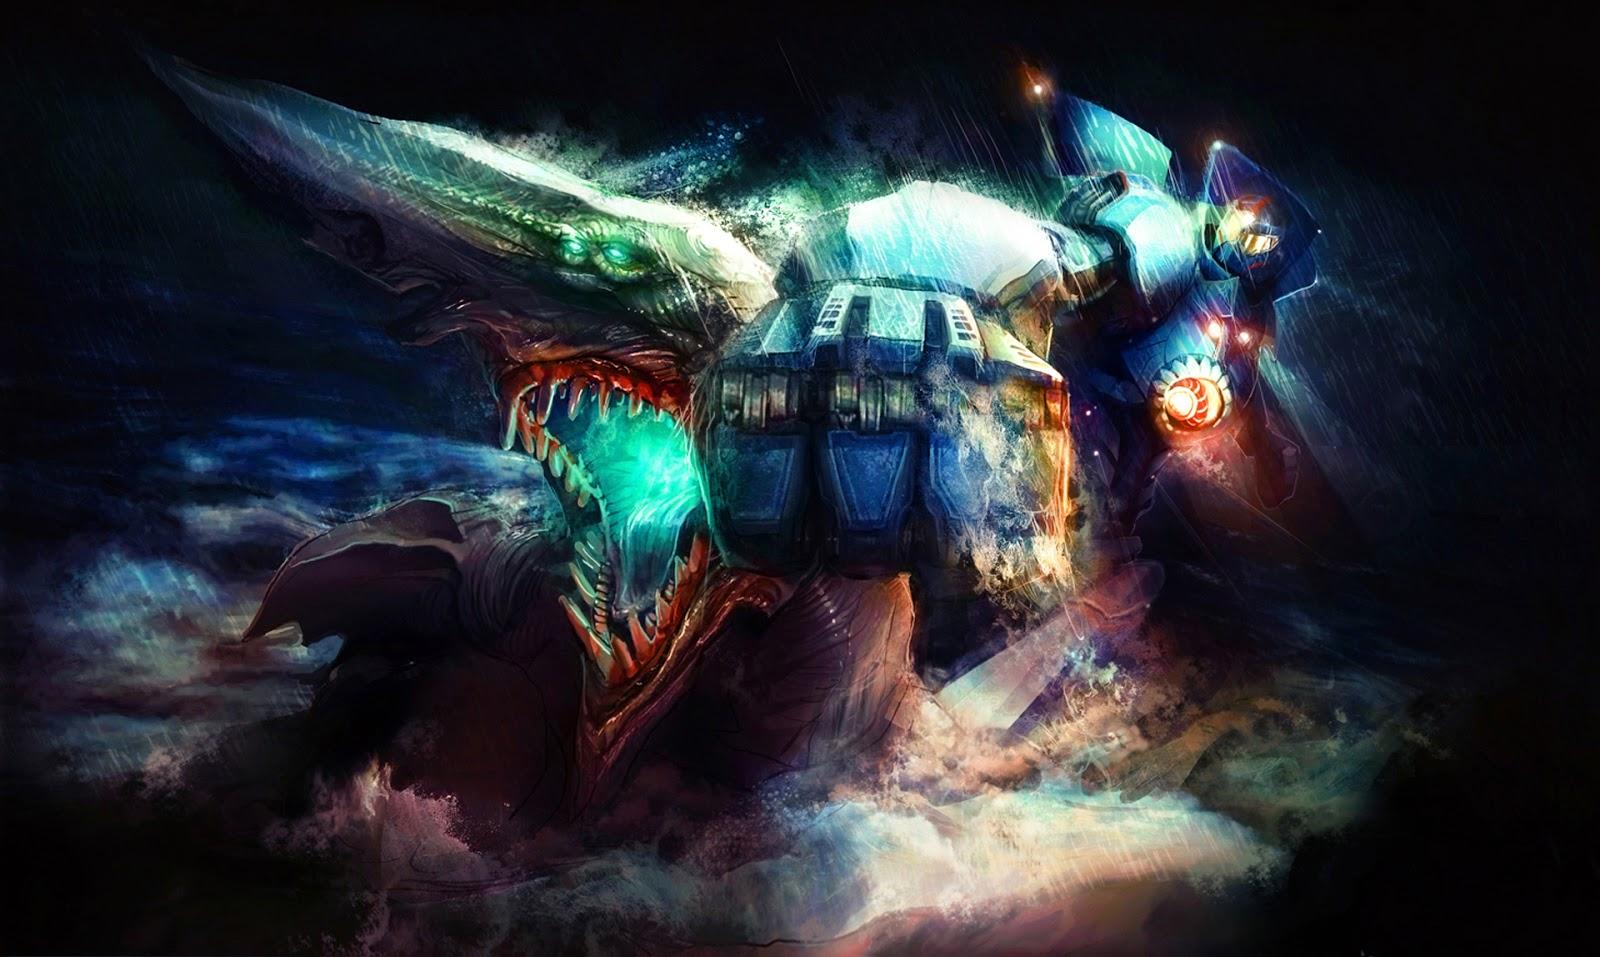 jaeger mecha vs kaiju monster pacific rim b46